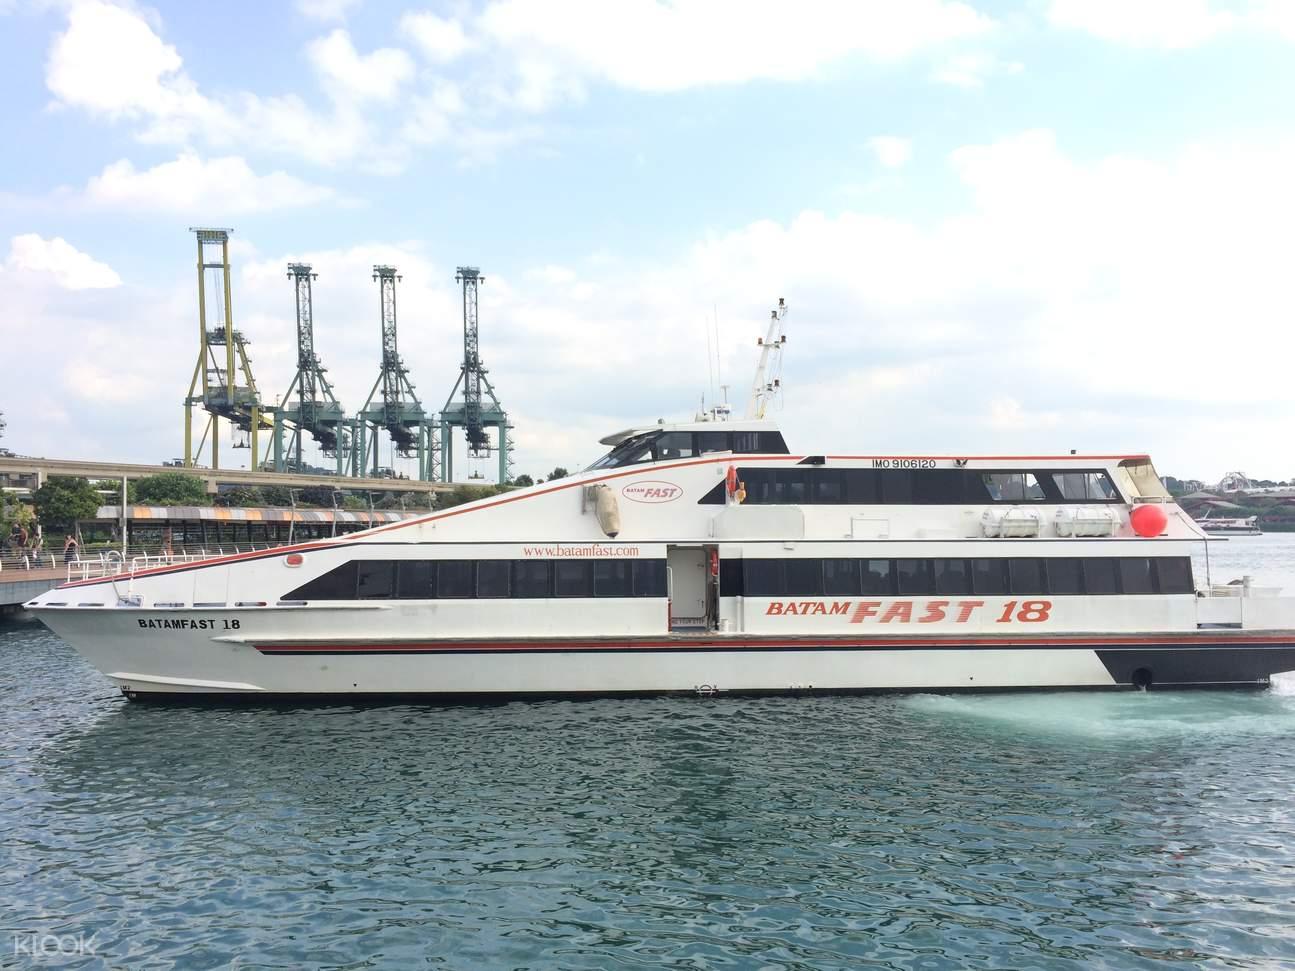 新加坡到巴淡岛船票,新加坡至巴淡岛船票,新加坡到巴淡岛,巴淡岛快速渡船